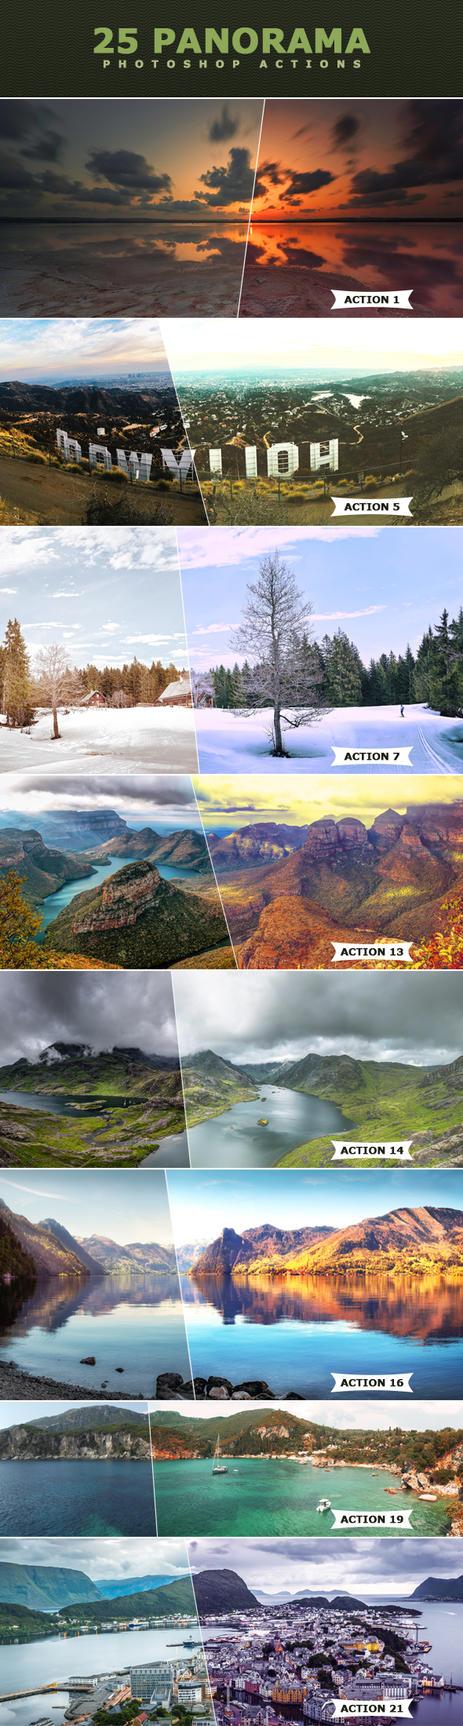 Panorama Photoshop Actions by ViktorGjokaj